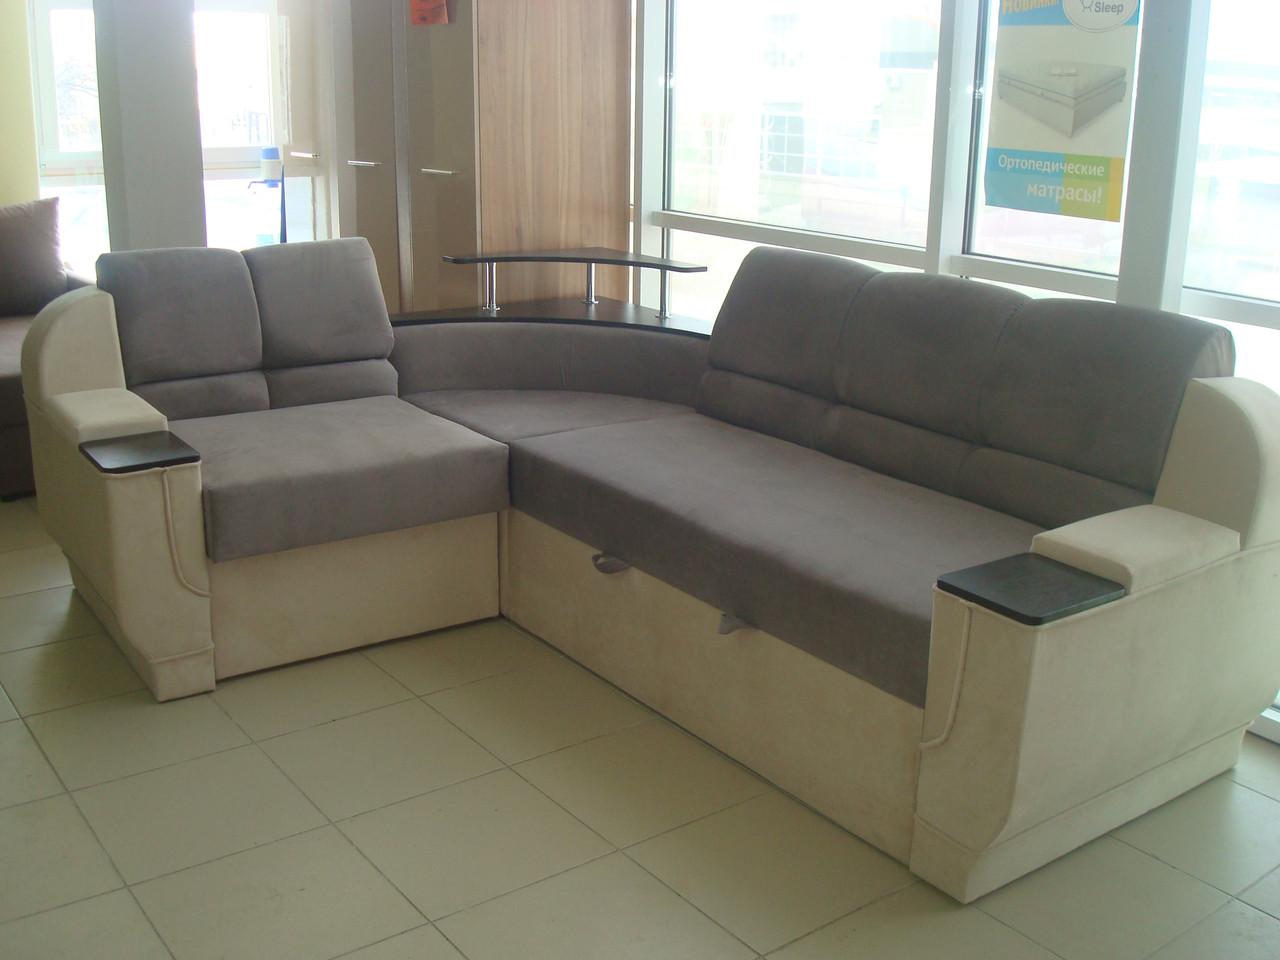 угловой диван мягкий уголок для гостиной меркурий цена 9 669